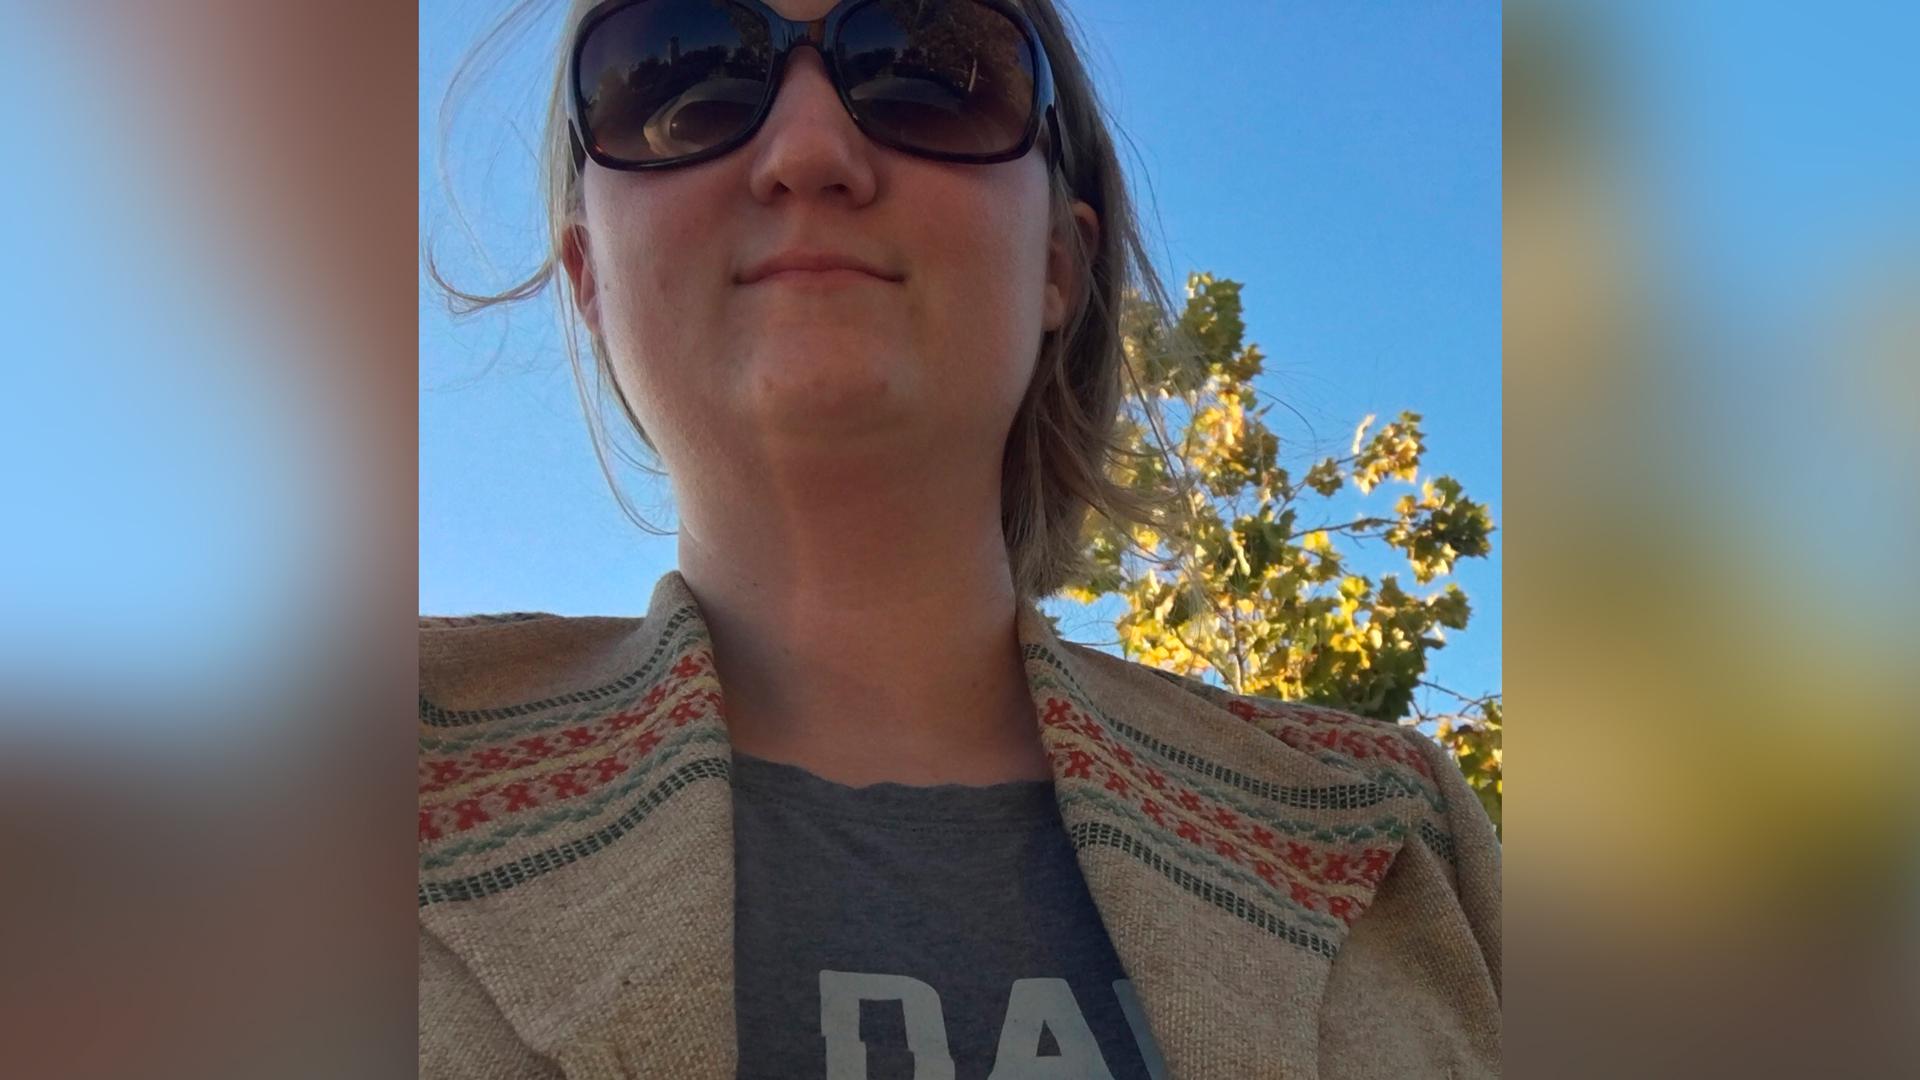 'Надеюсь, меня не похитят': Лайф узнал содержание последнего СМС пропавшей в Нижнем Новгороде американской студентки